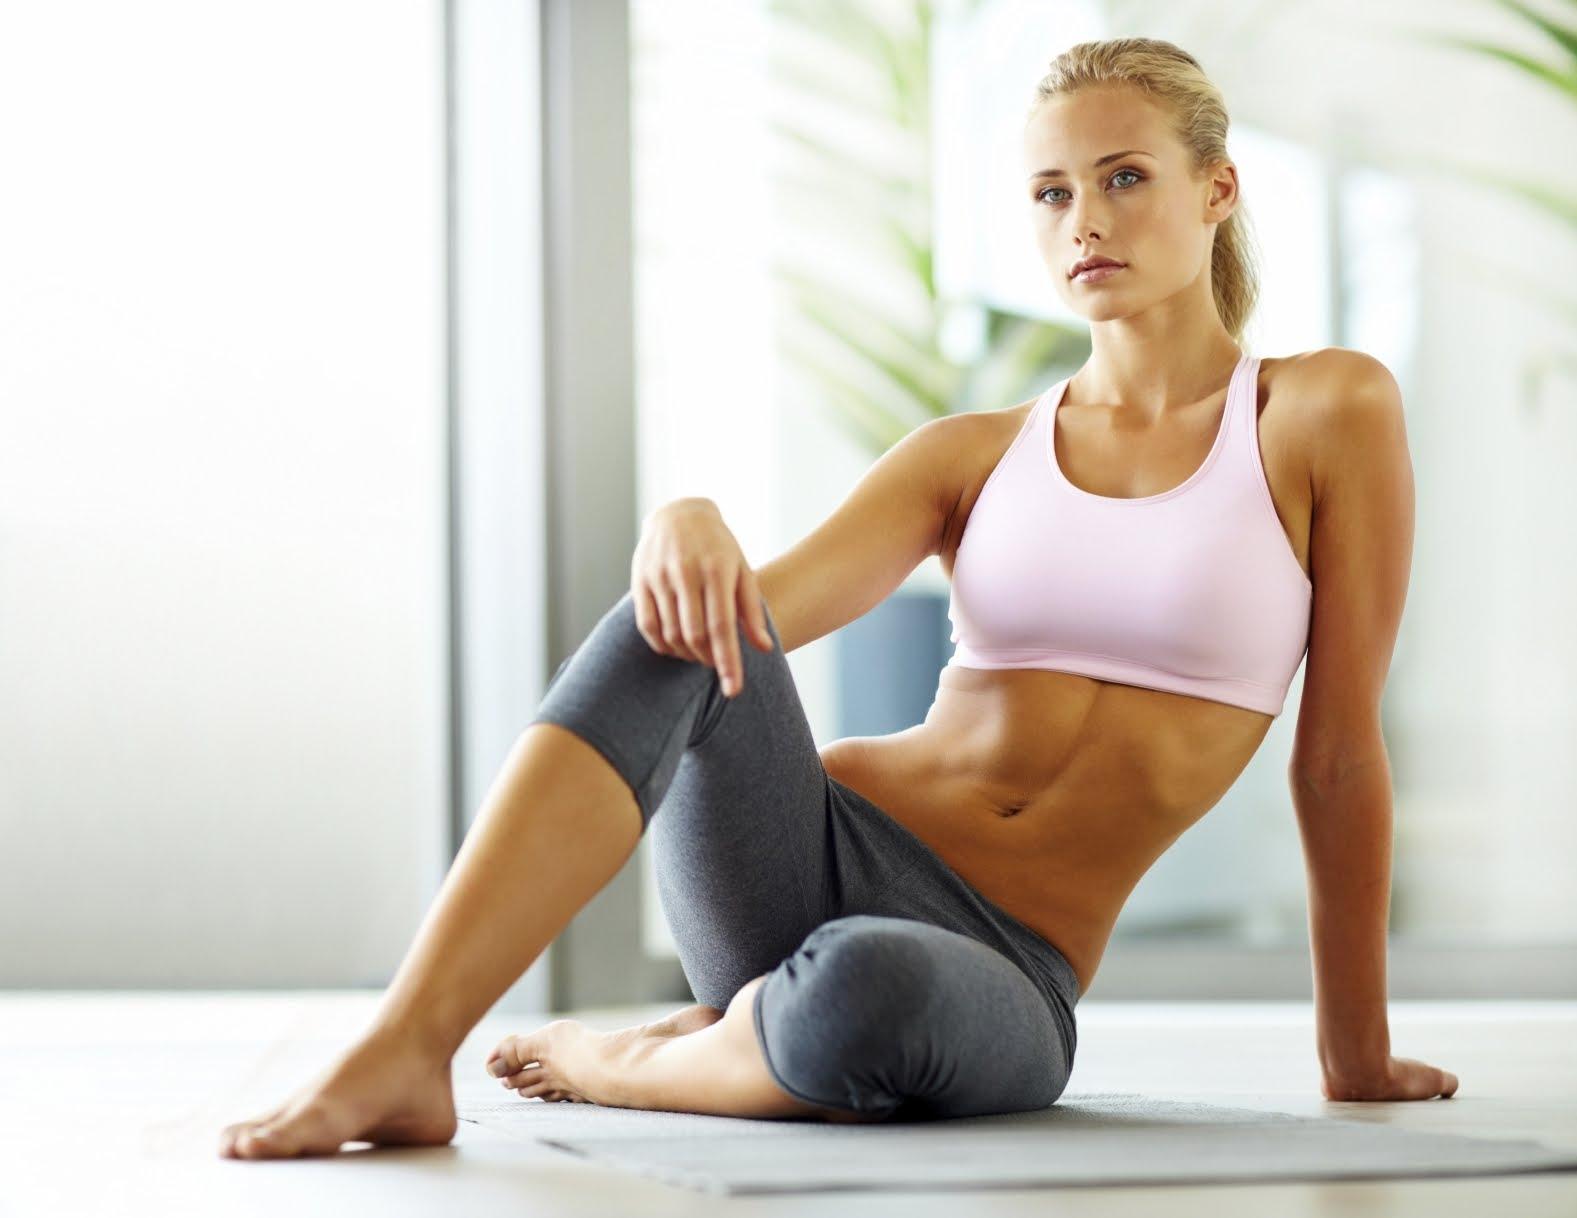 Похудеть За Неделю Йога. Йога для похудения за неделю. Йога для начинающих в домашних условиях. Как йога способствует процессу потери веса